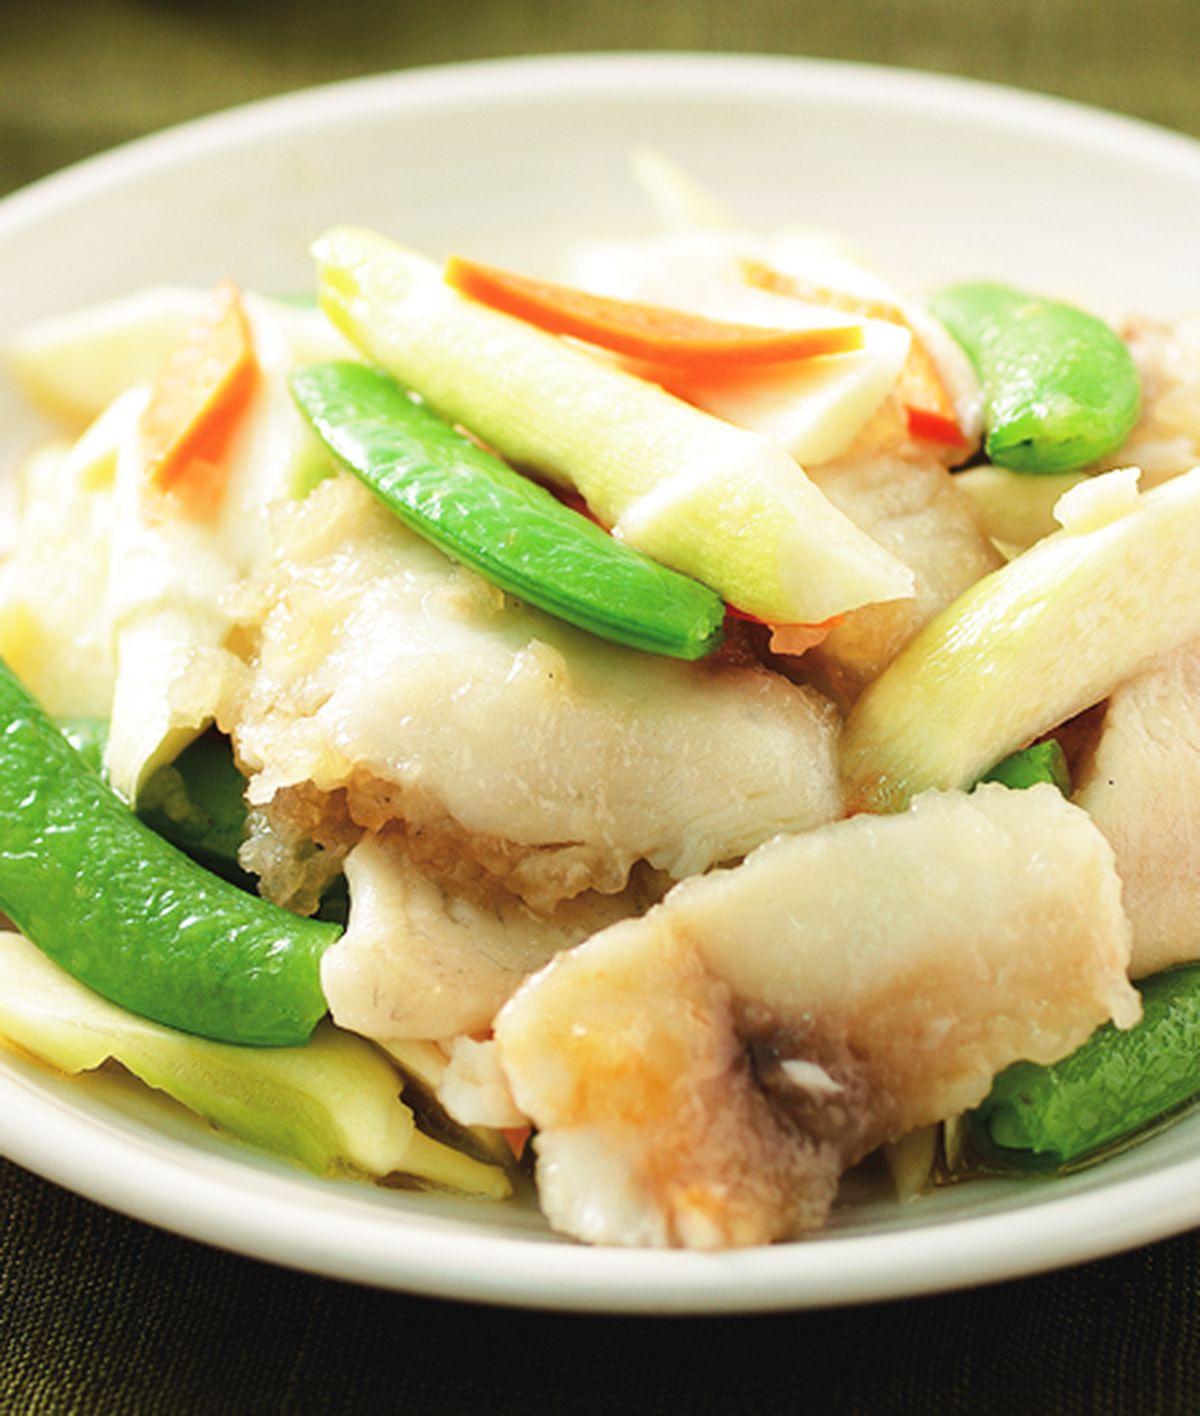 食譜:美人腿炒魚片